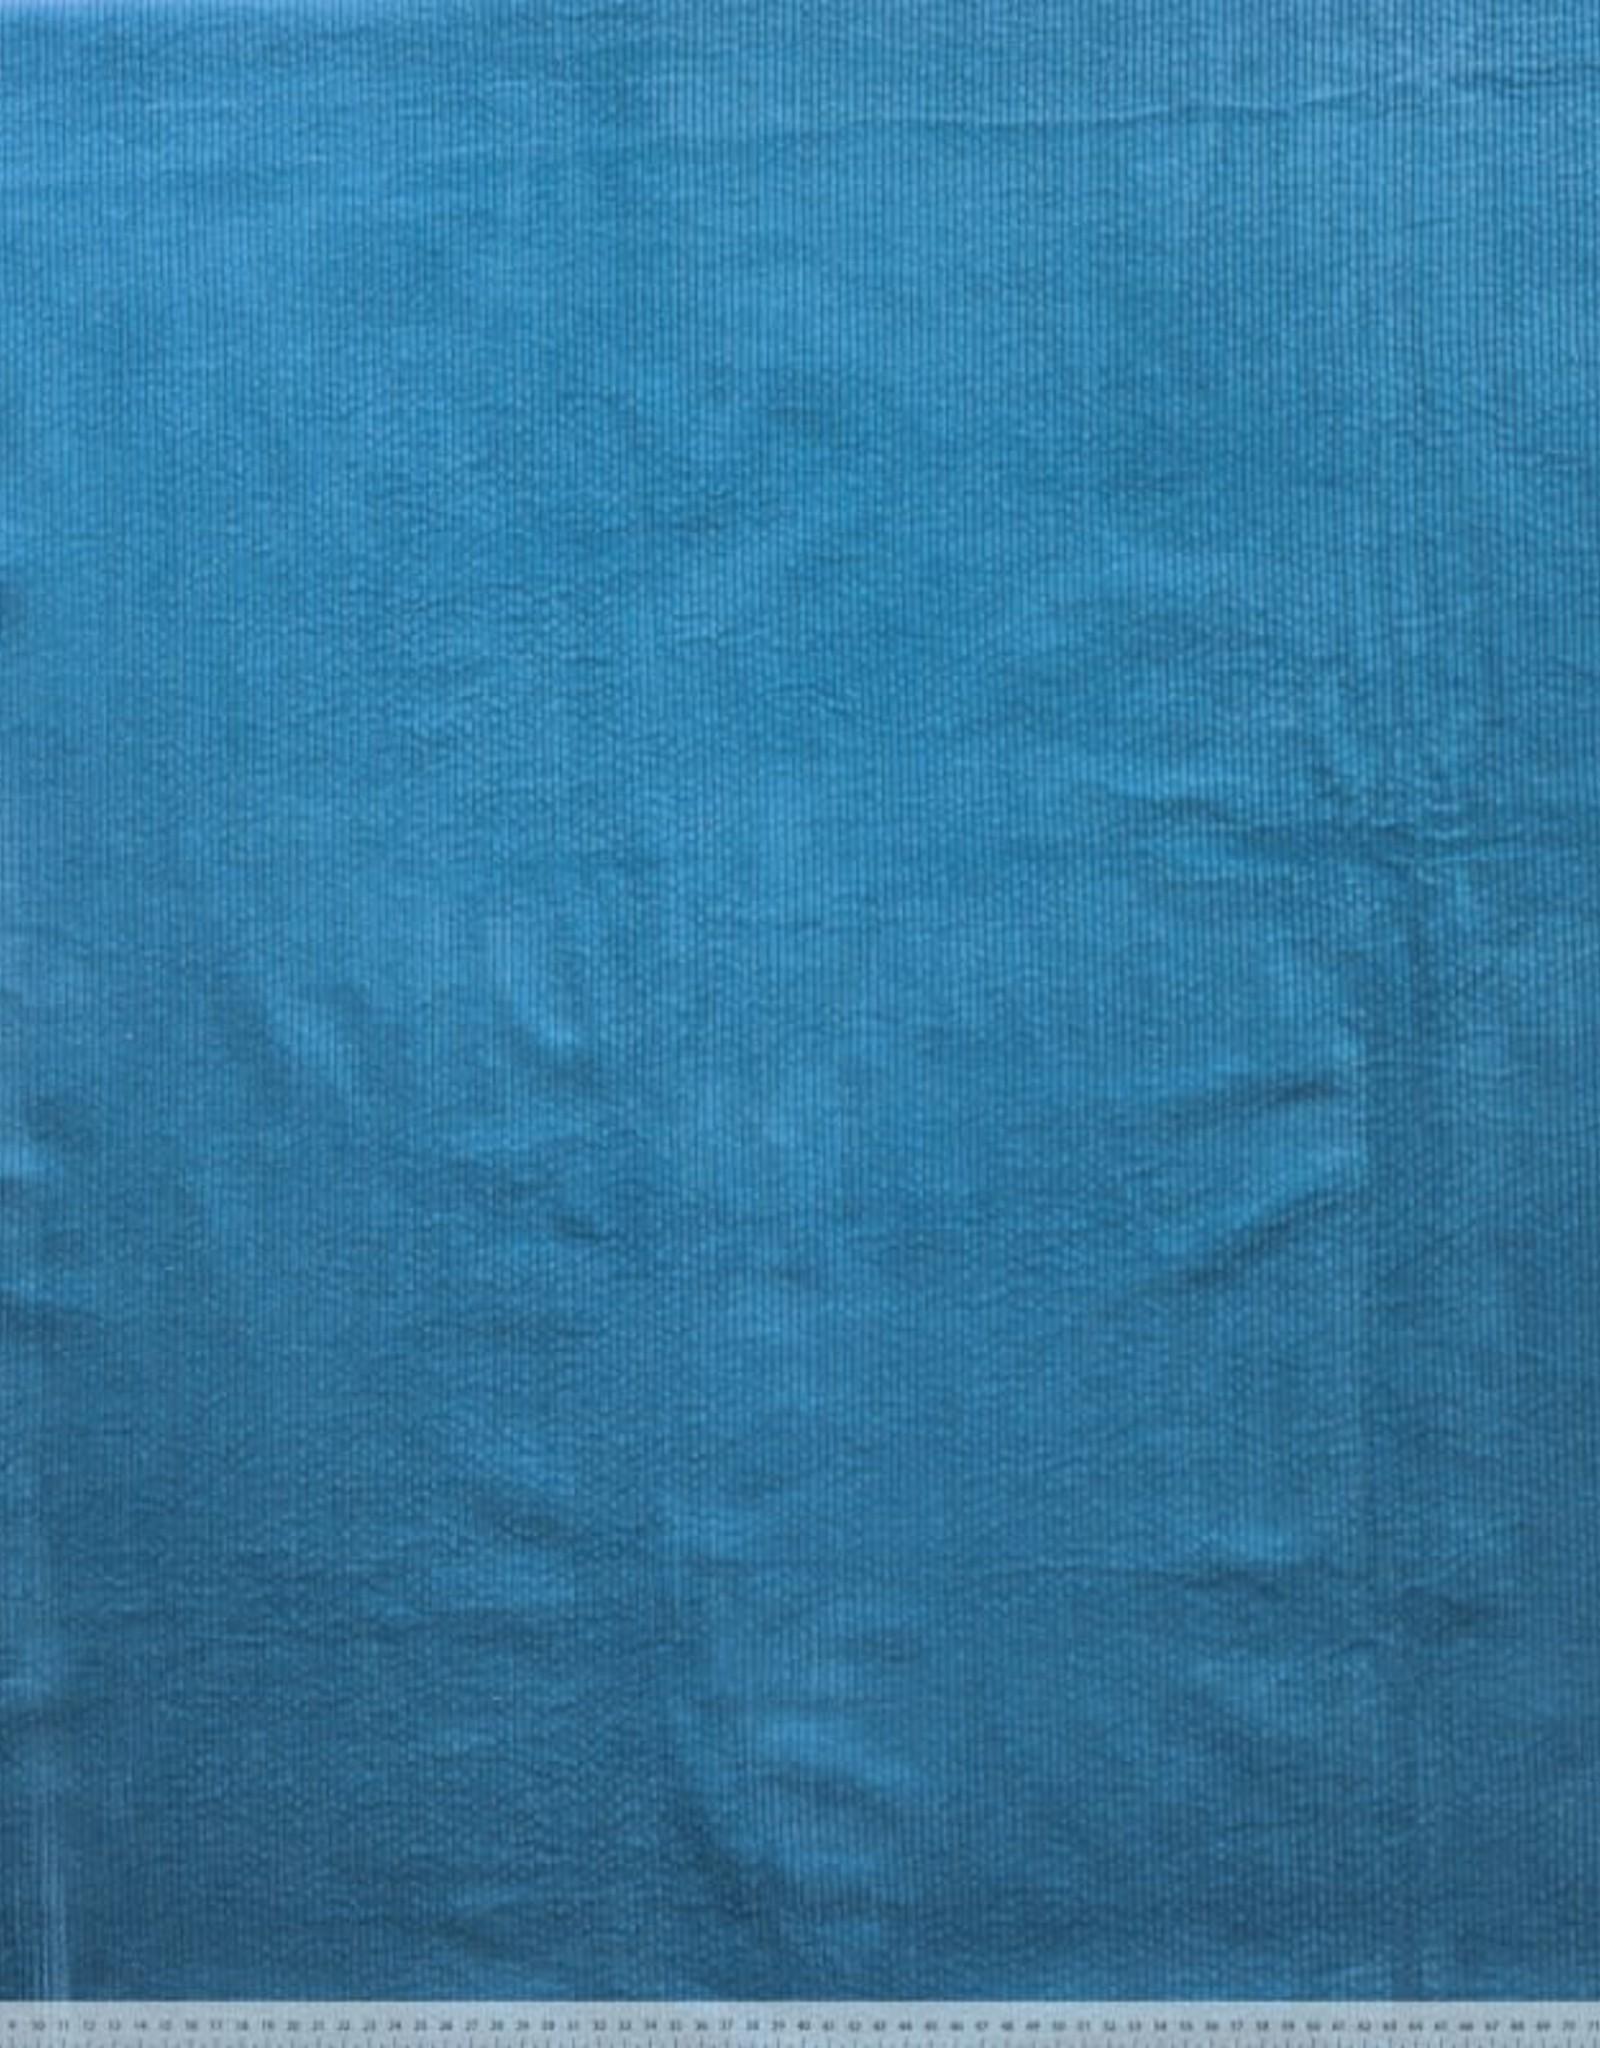 Corduroy bubble wash delphinium blue